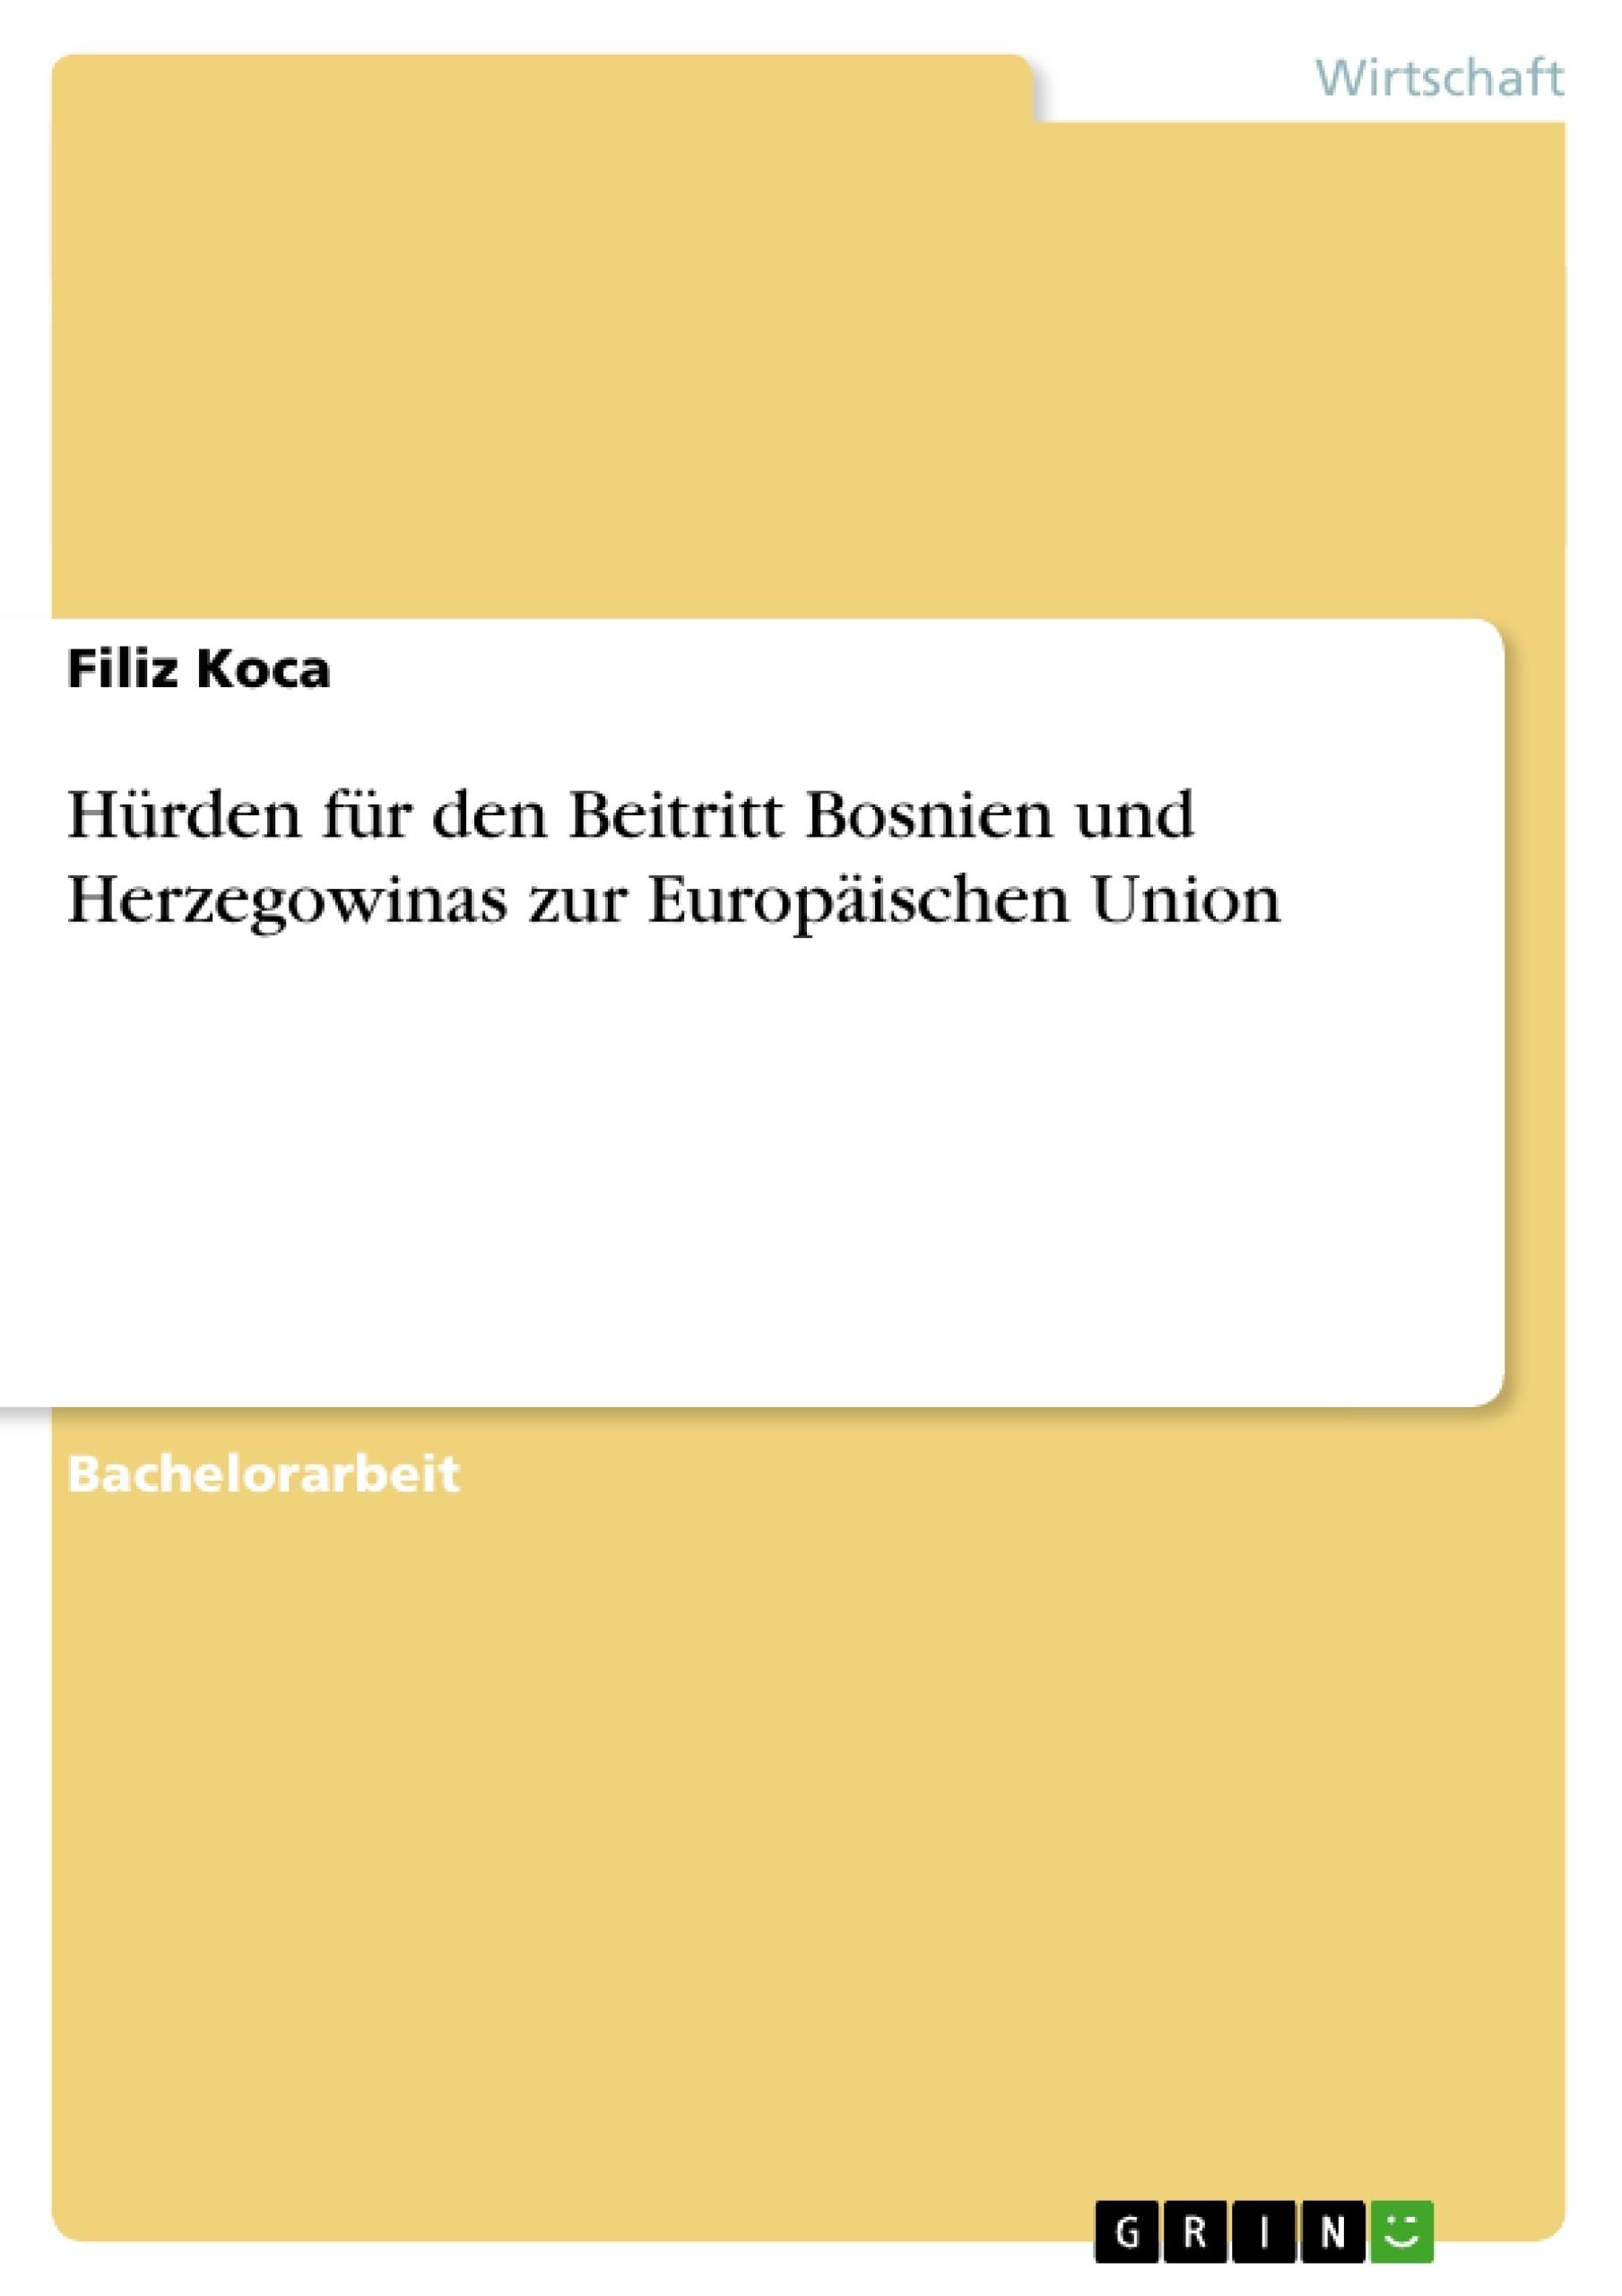 Titel: Hürden für den Beitritt Bosnien und Herzegowinas zur Europäischen Union